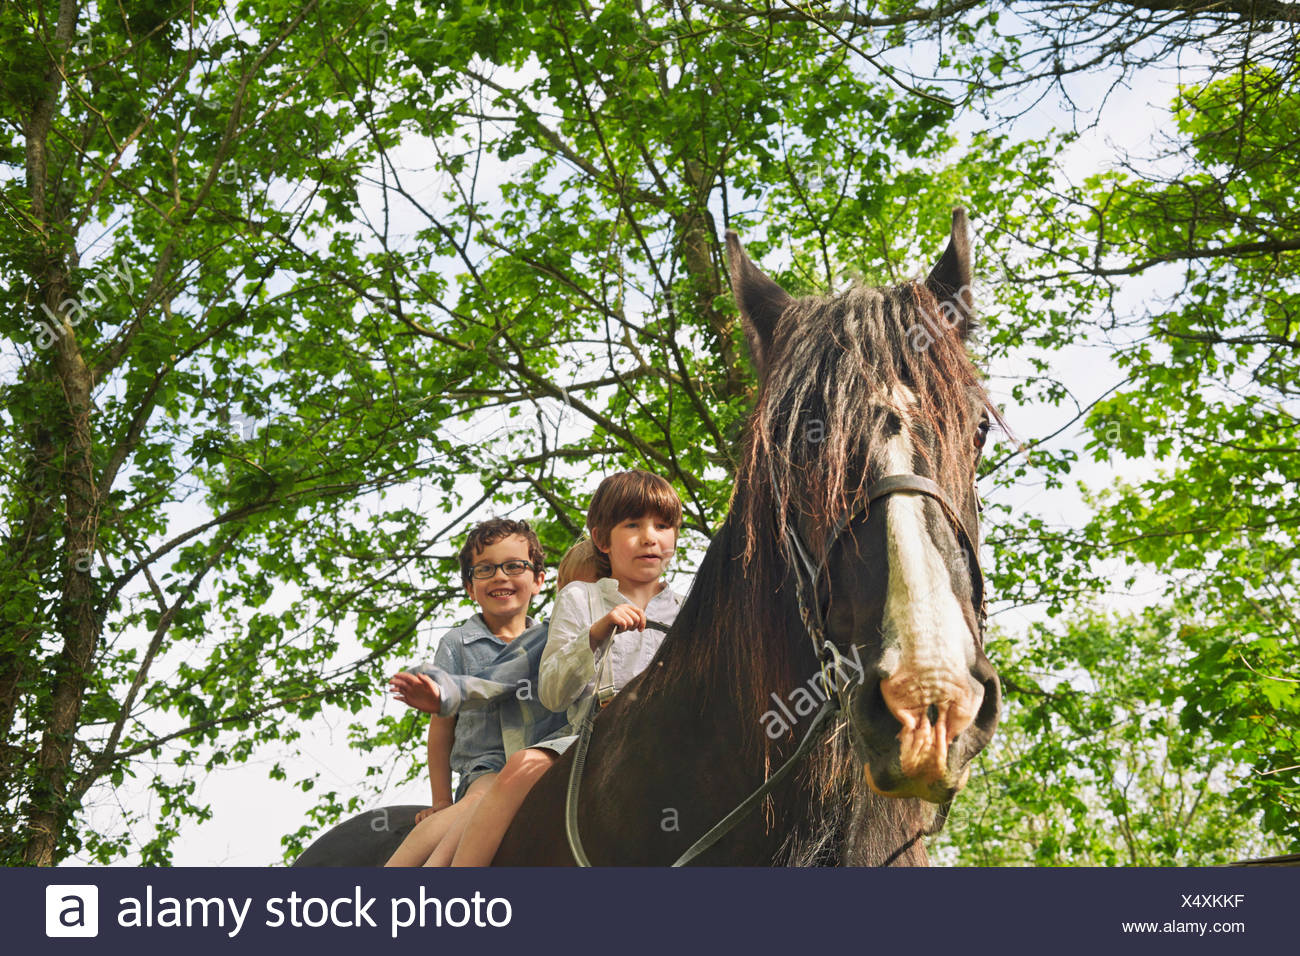 Basso angolo vista di tre ragazzi a cavallo Foto Stock